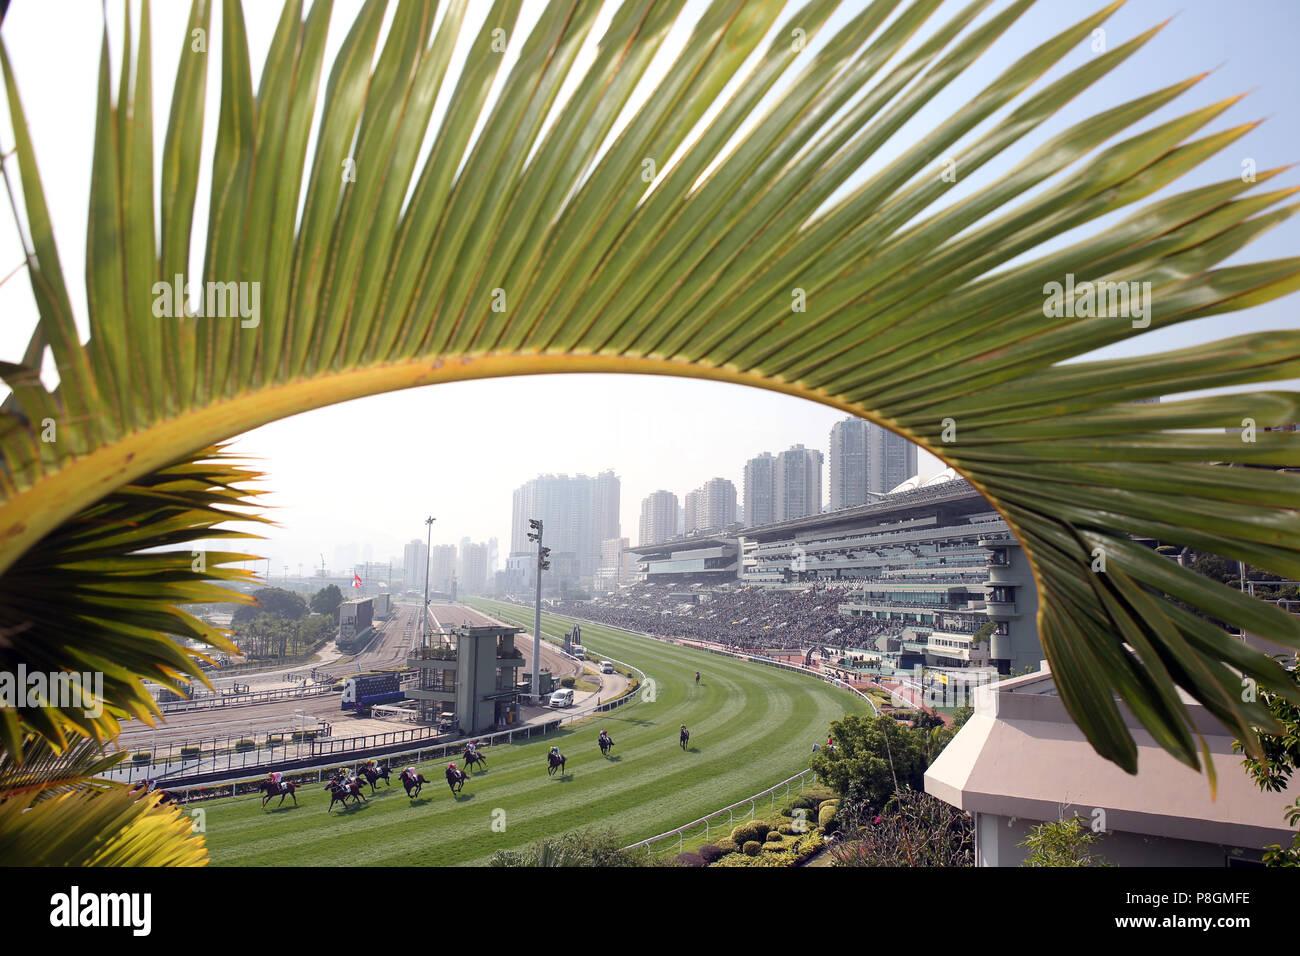 Hong Kong, China, view of the racecourse Sha Tin - Stock Image